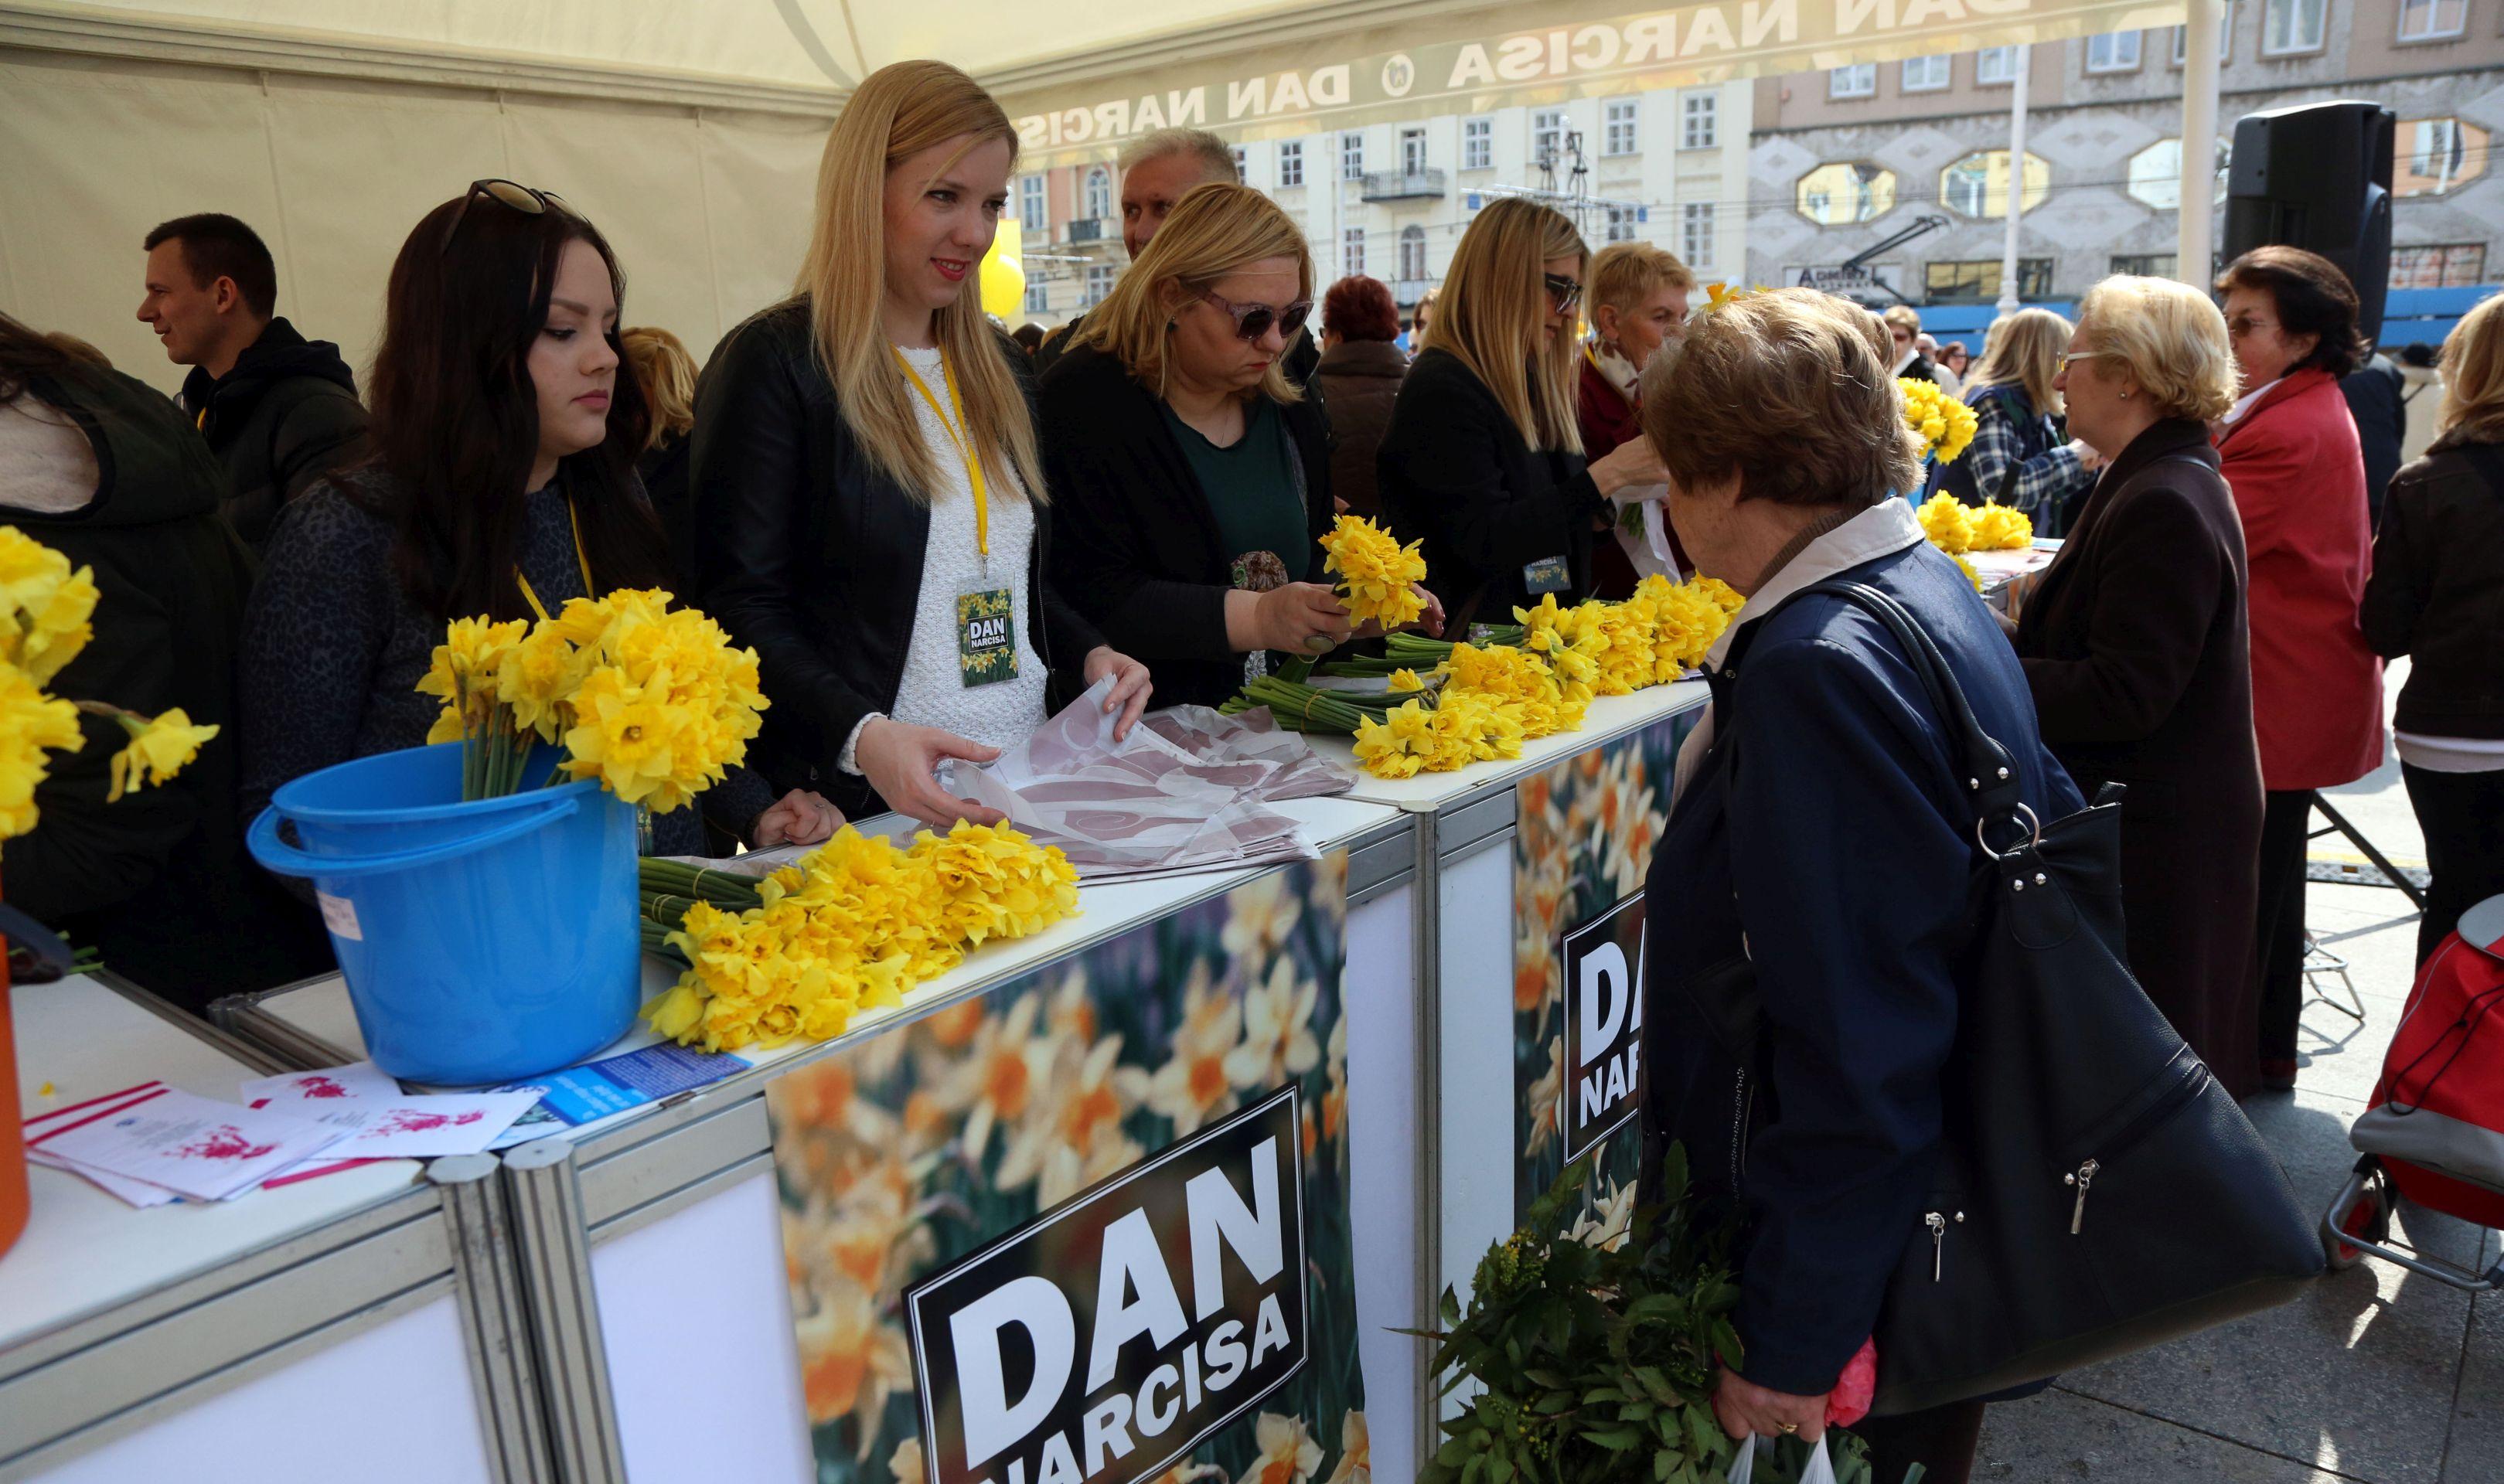 DAN NARCISA Prigodna prodaja simbola proljeća radi podizanja svijesti o raku dojke